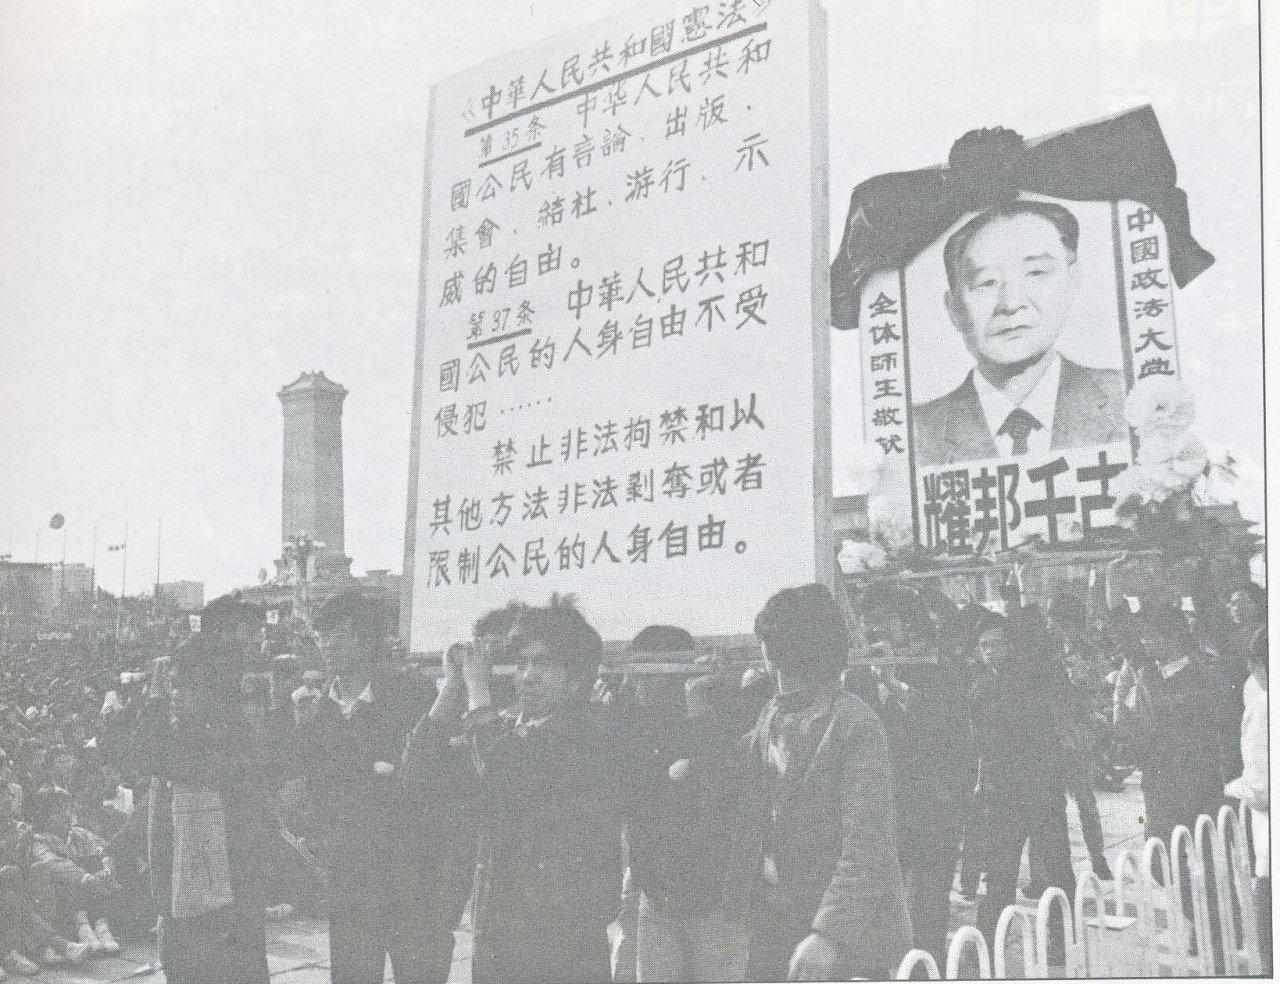 我的一九八九系列》胡耀邦追悼會 北京高校學生首次聯合行動